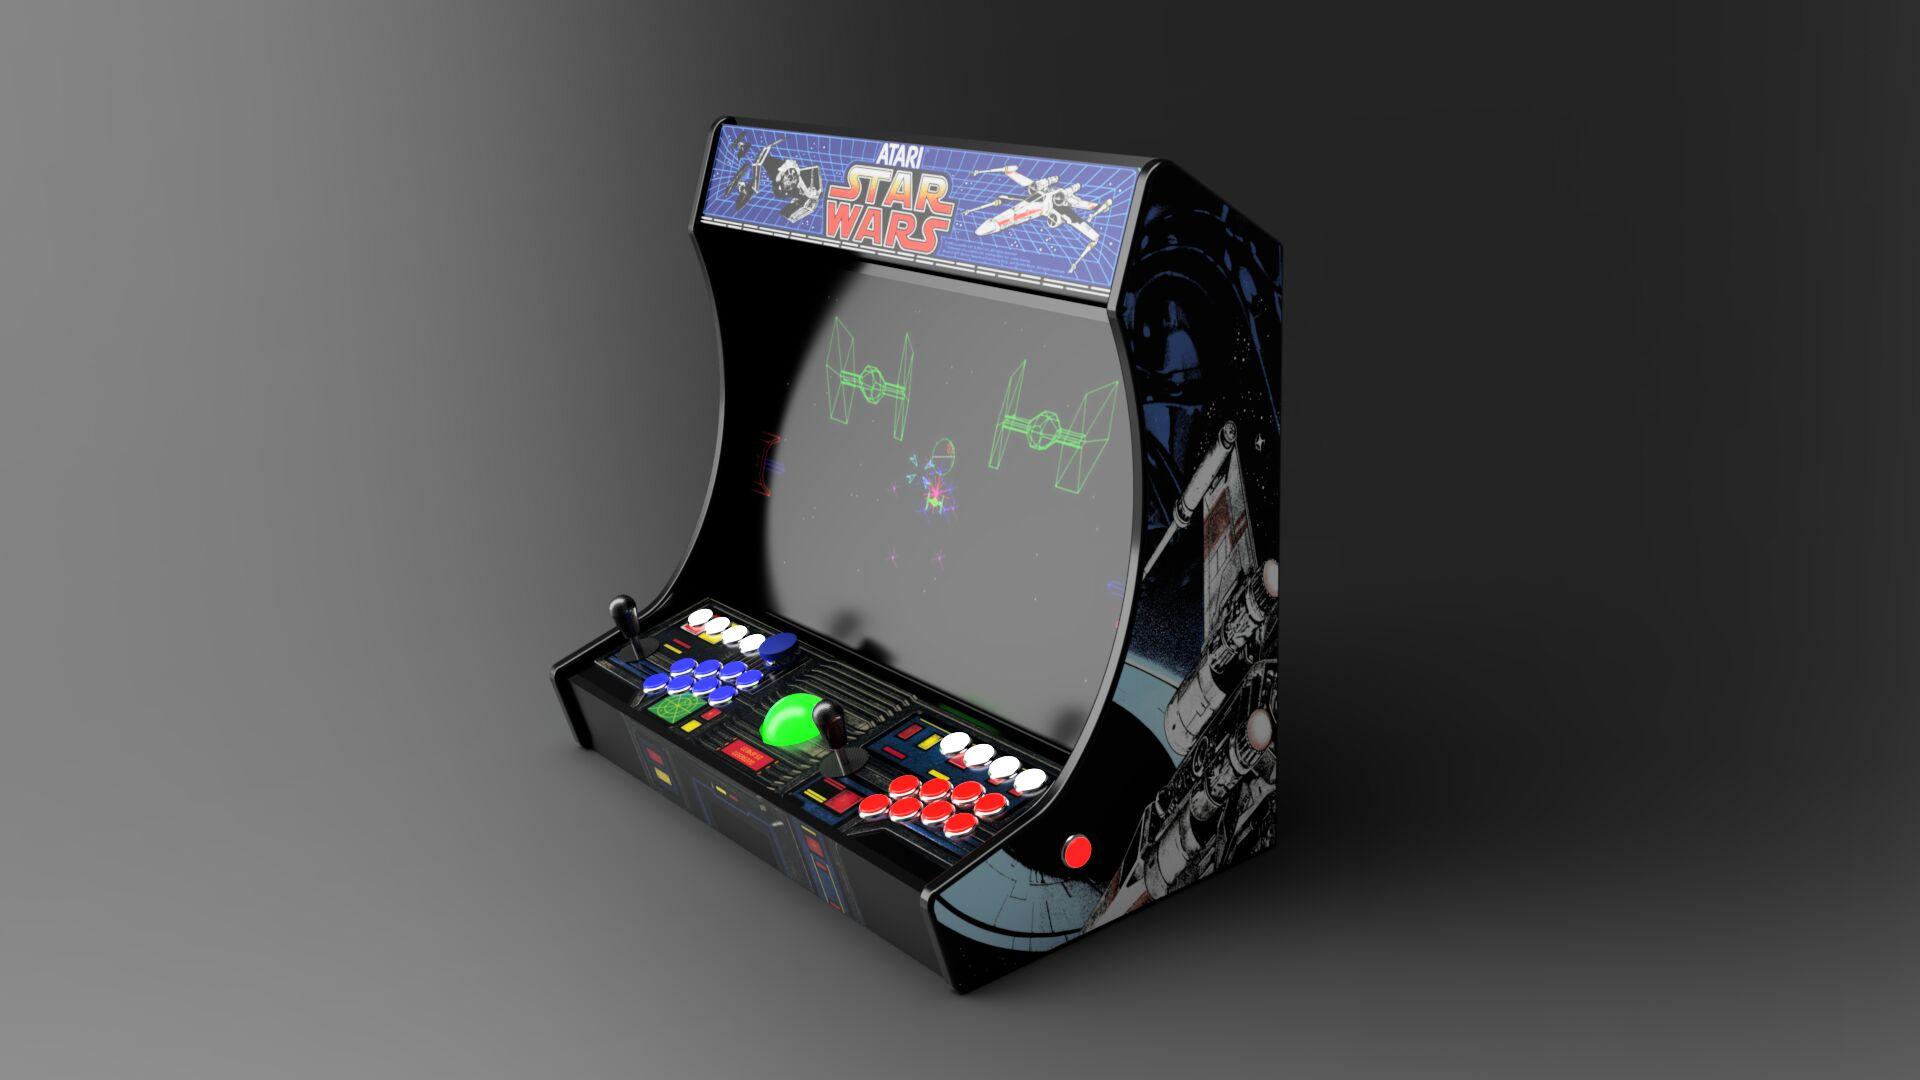 Arcade-render-3-3500-3500